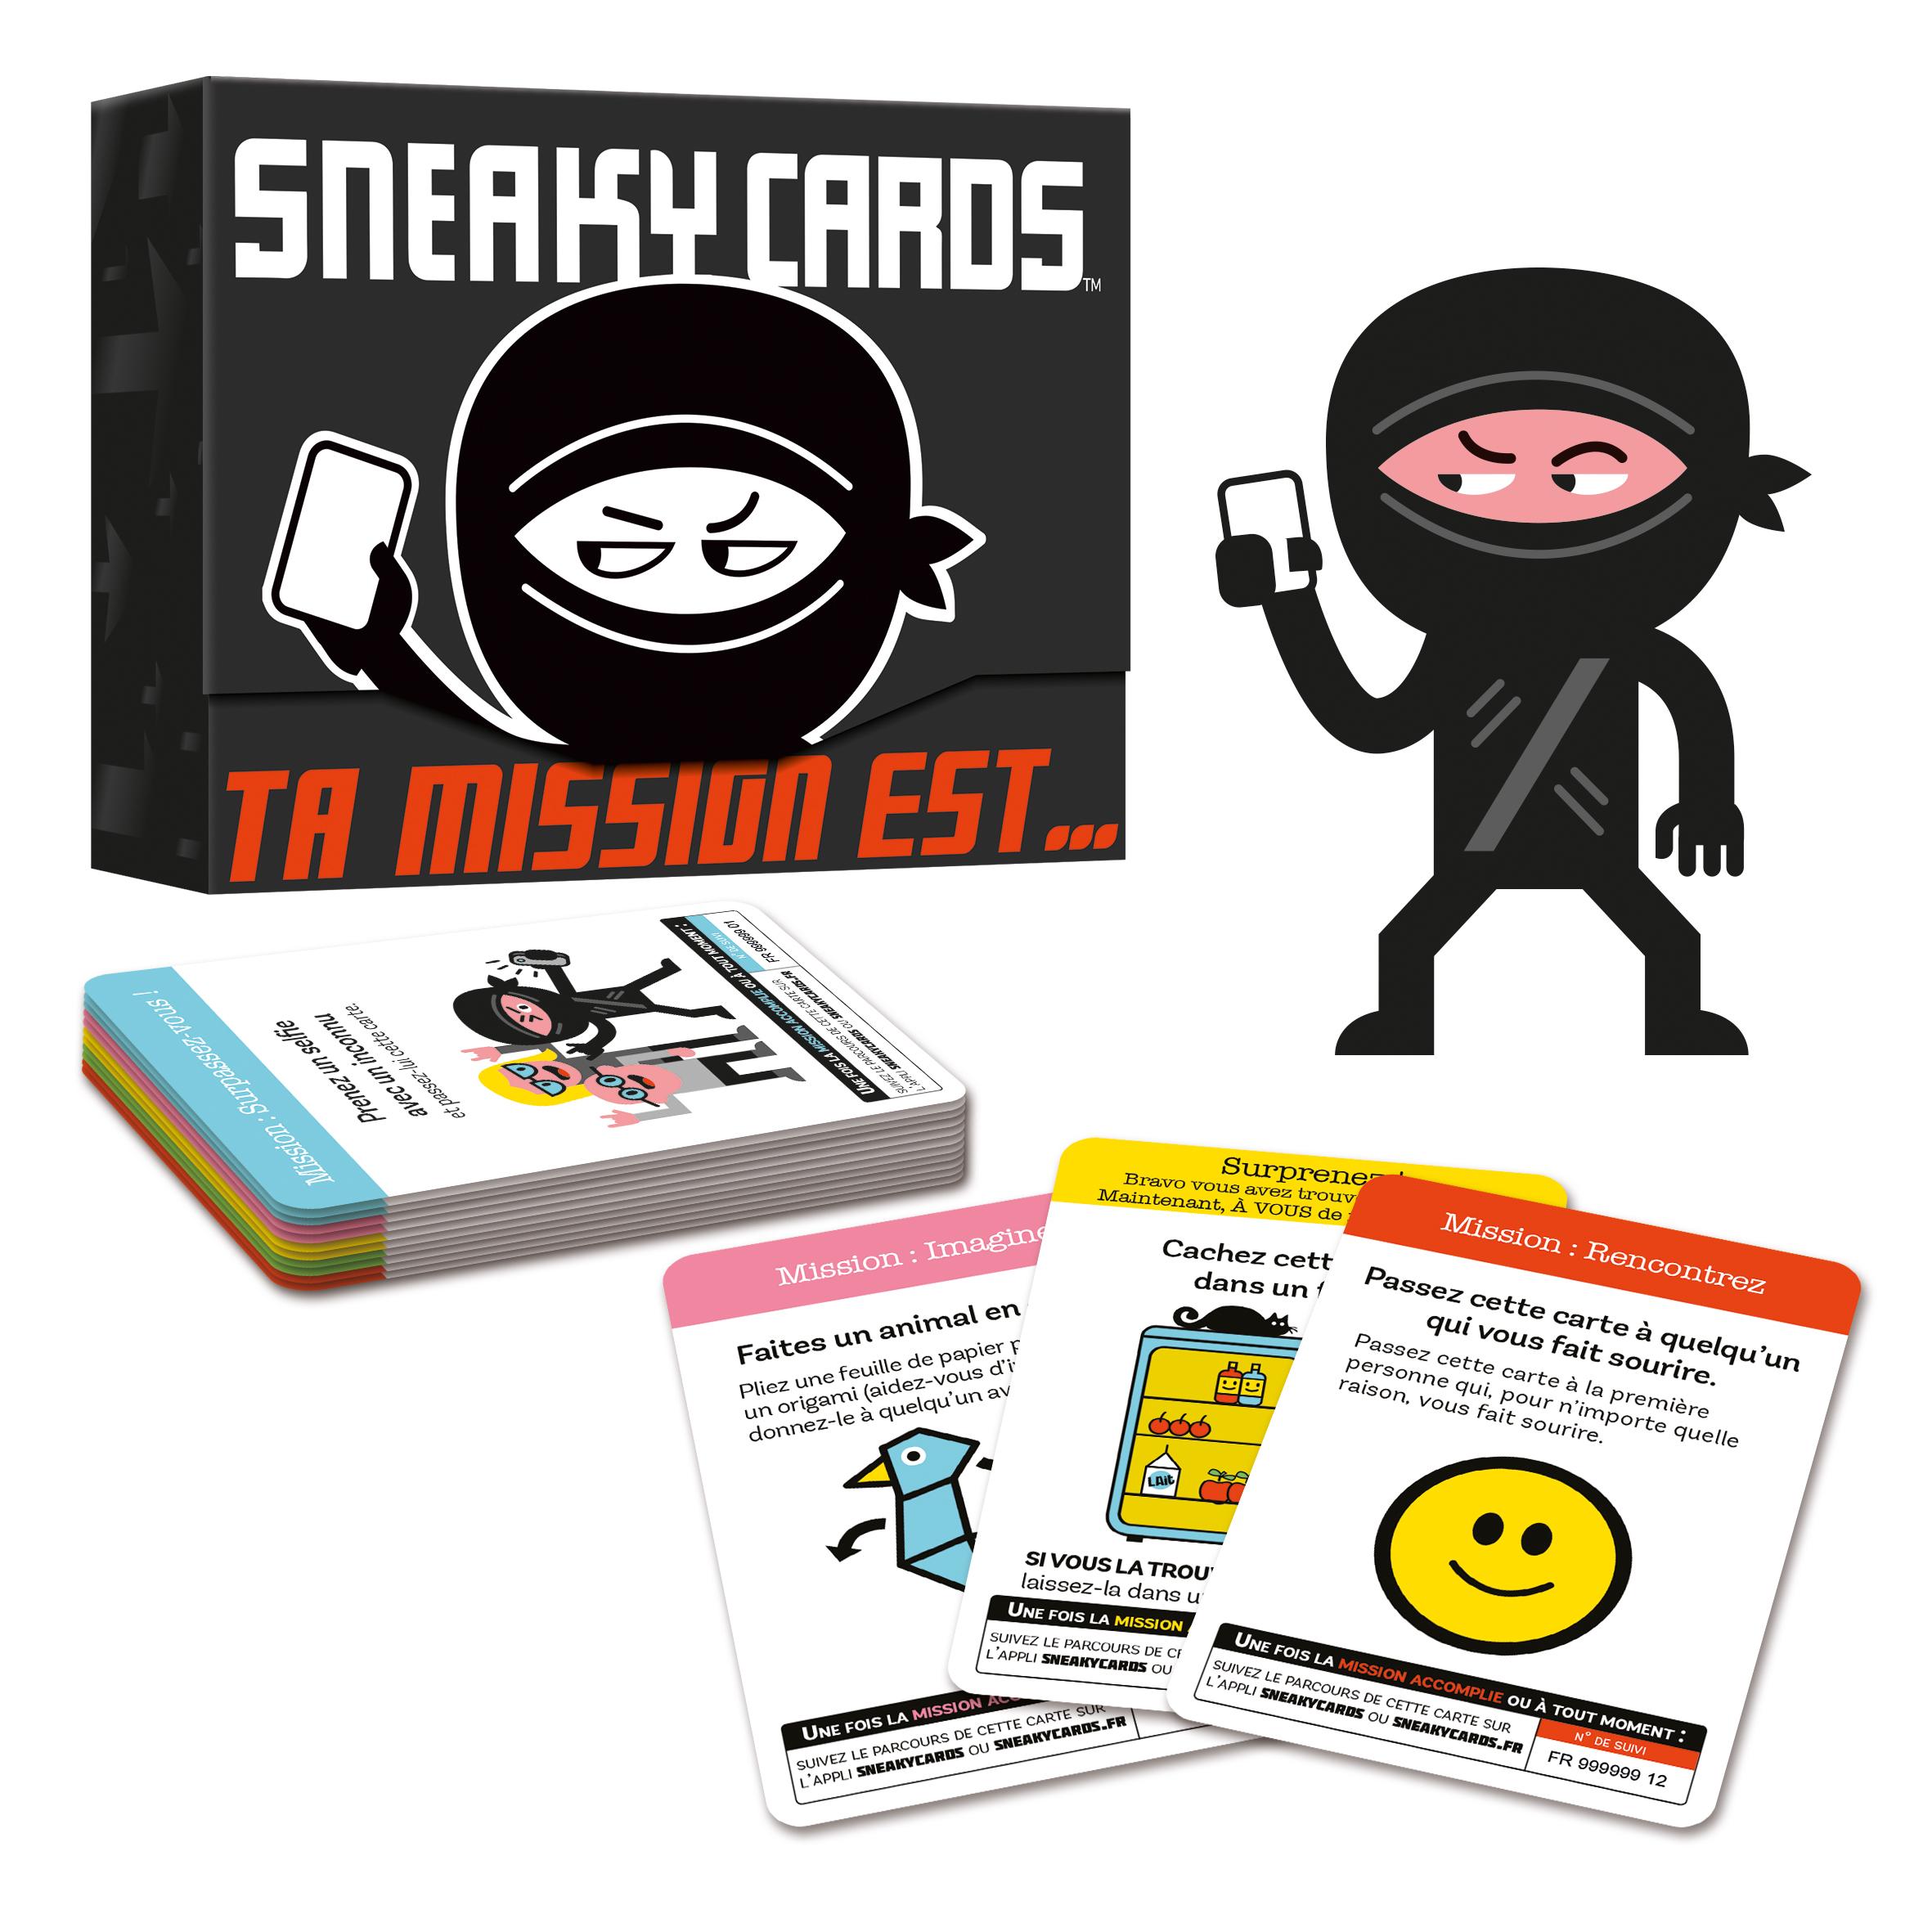 Sneaky_cards_visuel_1